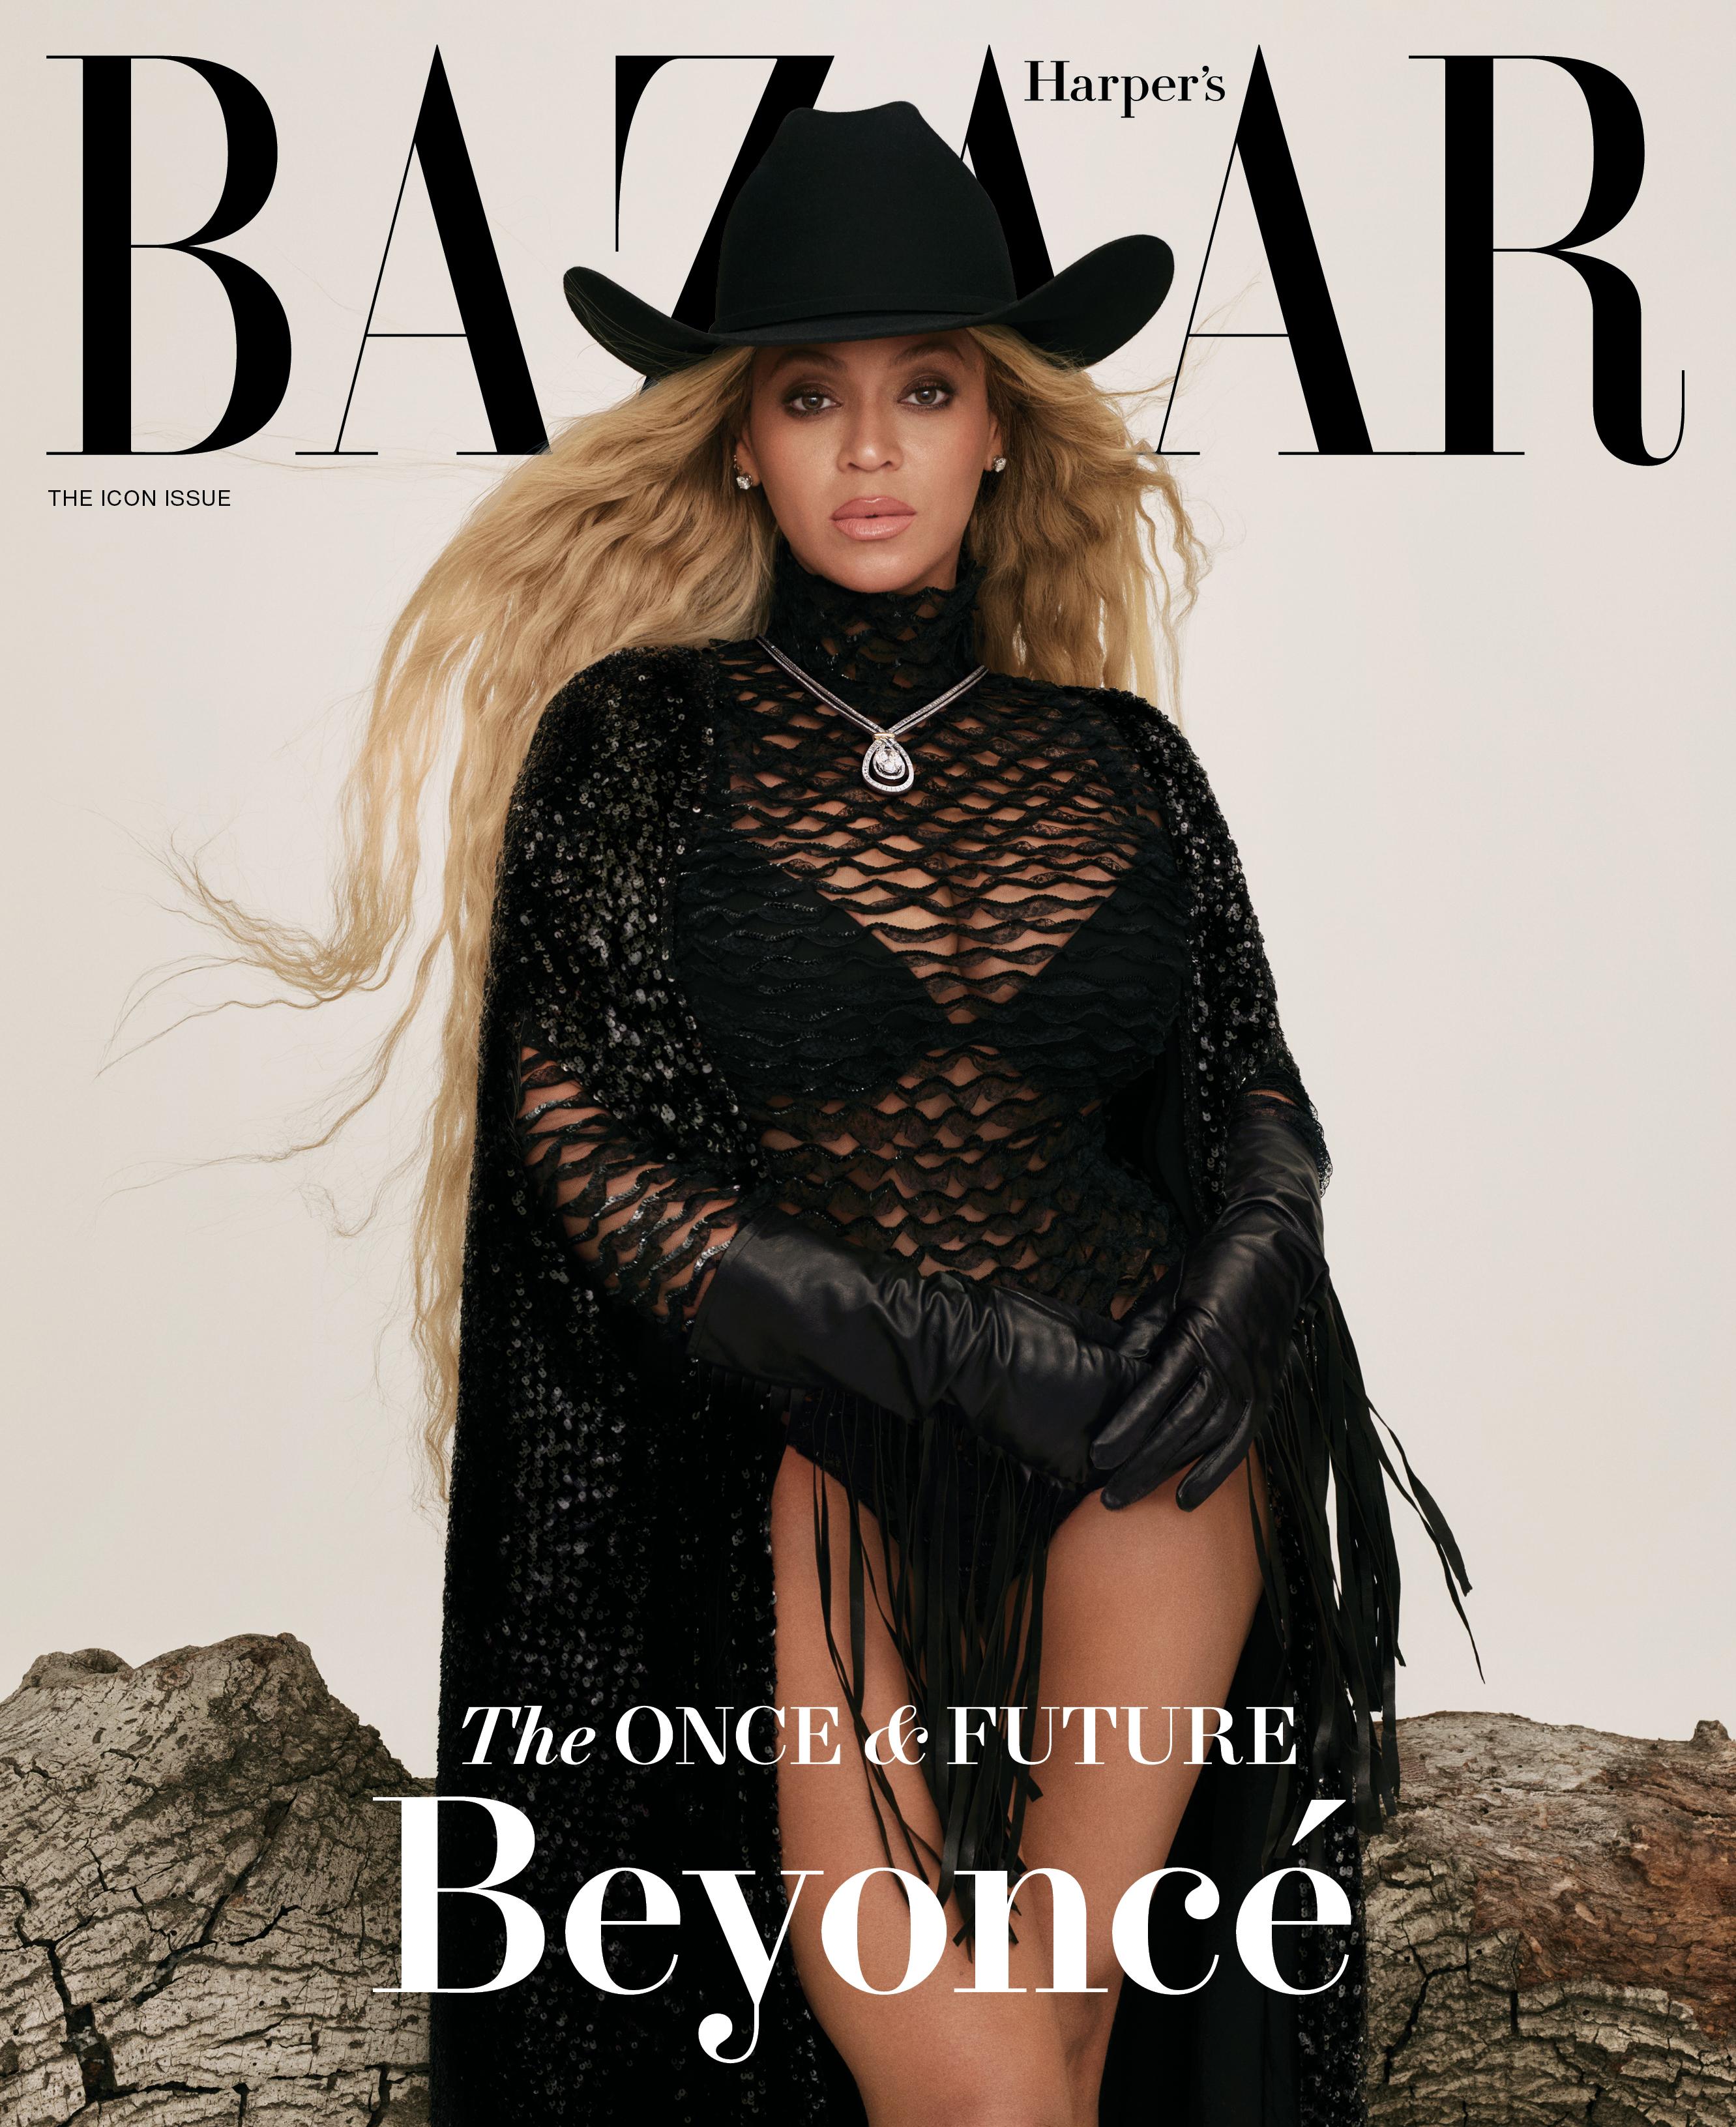 Beyonce Harper's Bazaar